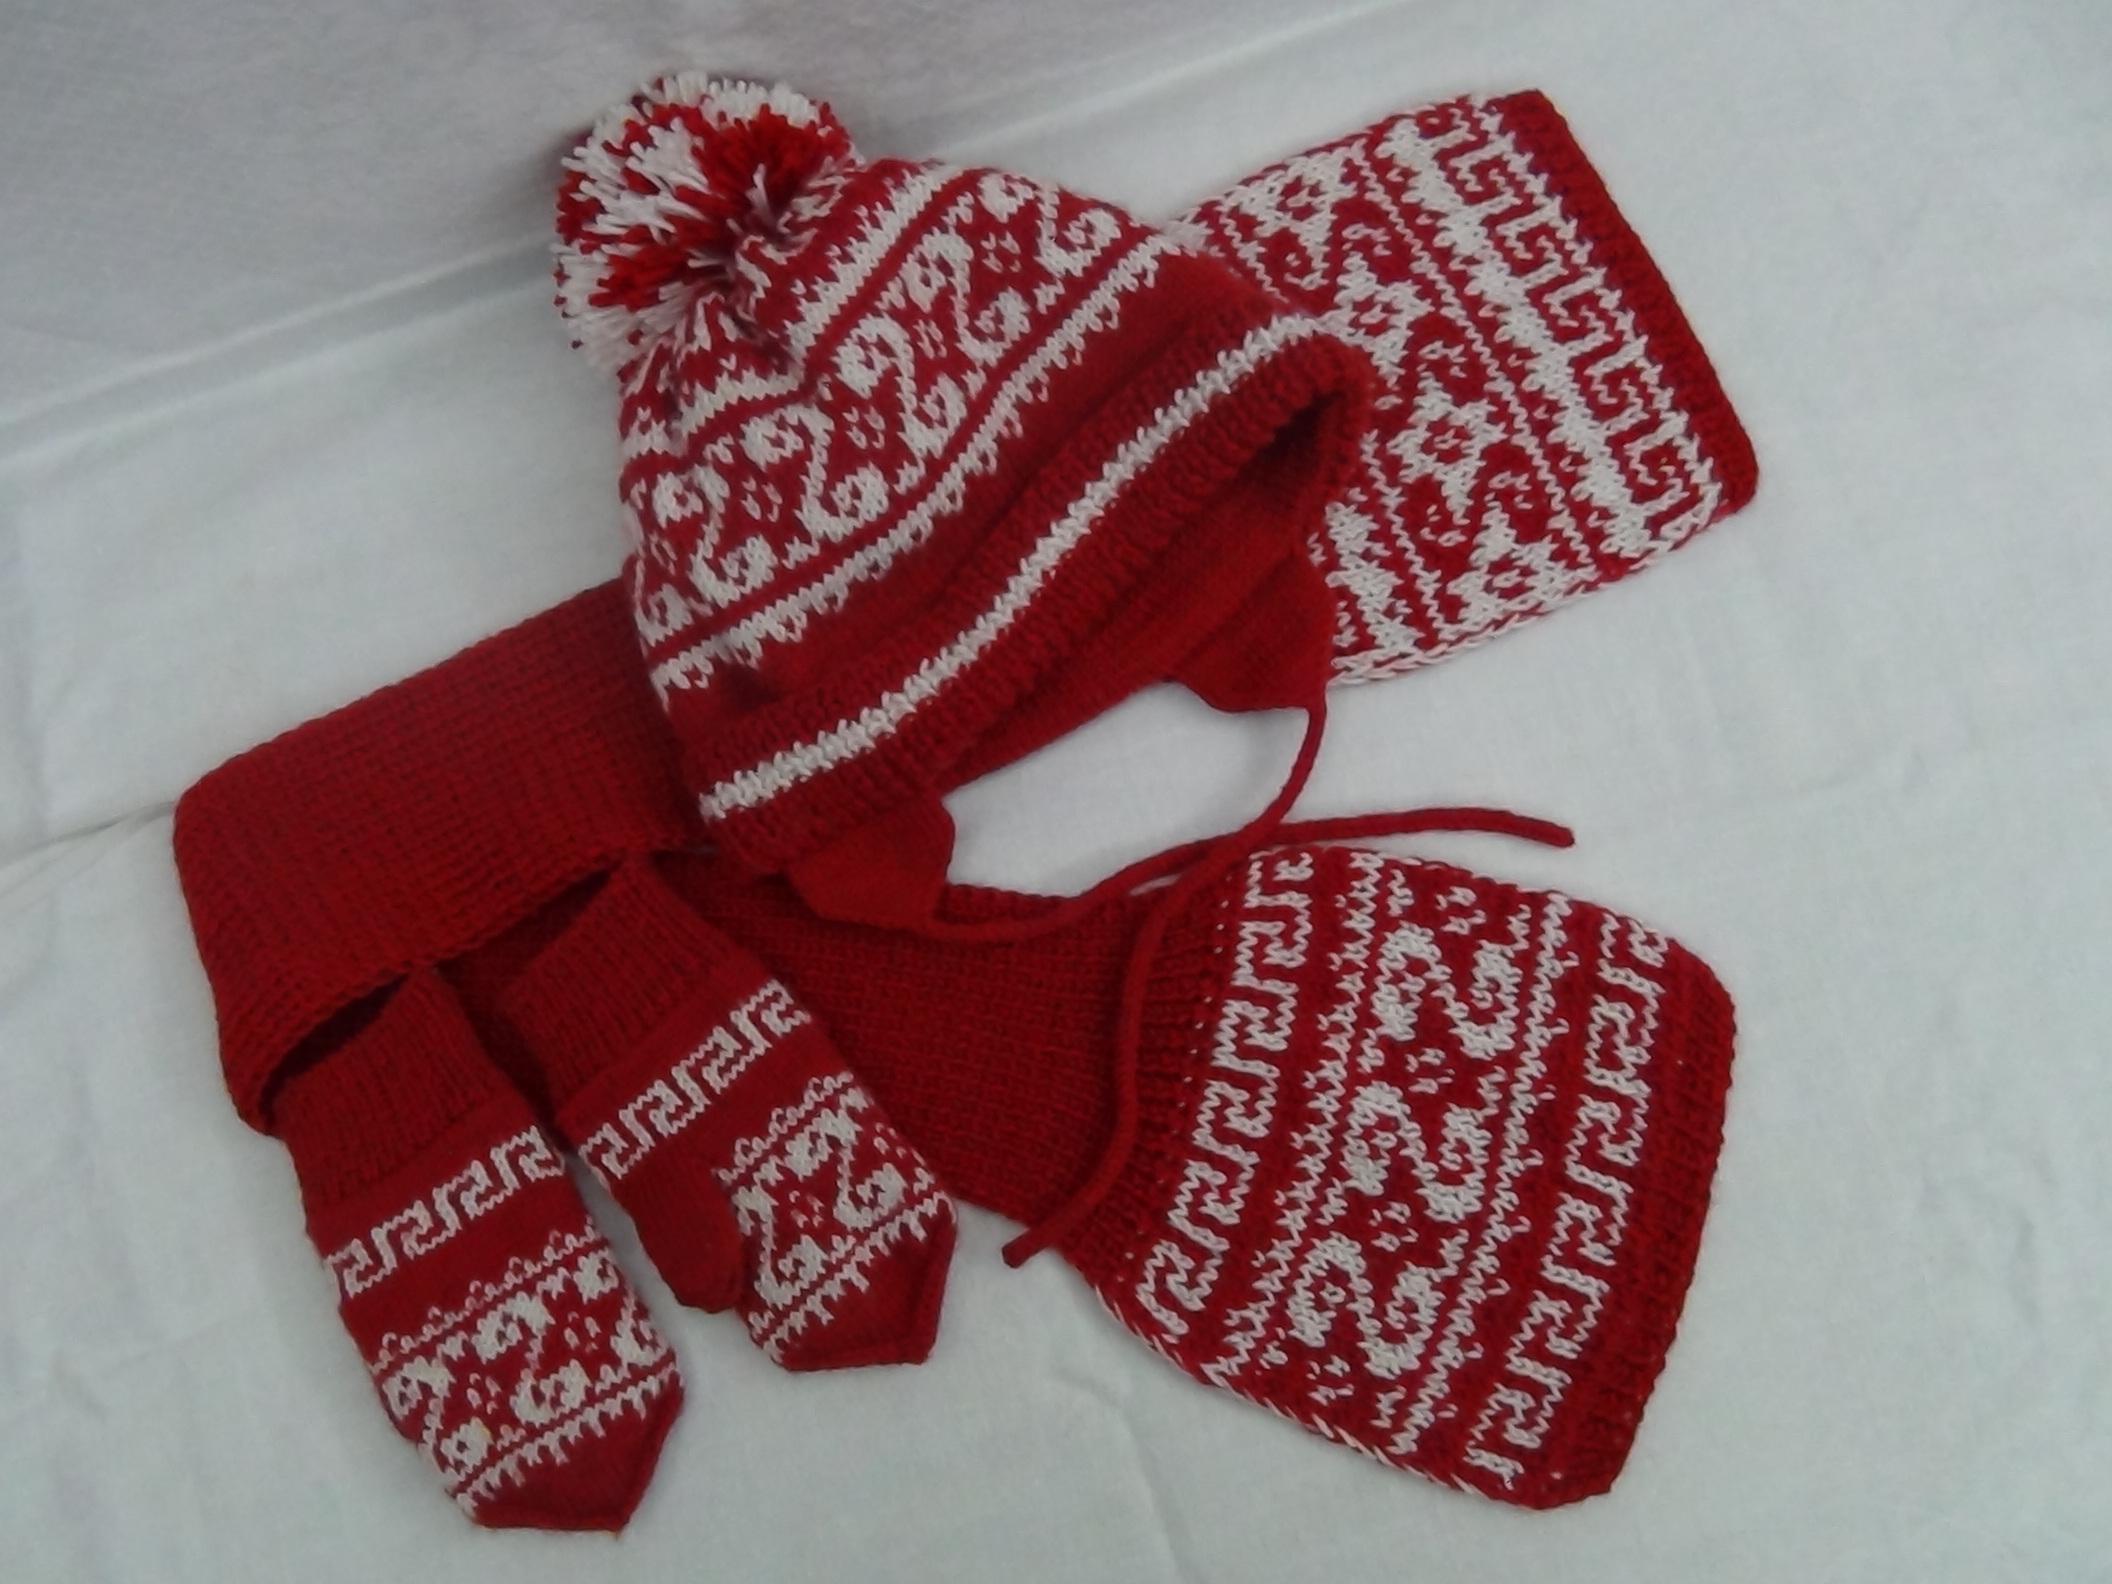 Зимний комплект на девочку 2 года. Шапки, шляпки, панамки и др.  вязаные головные уборы